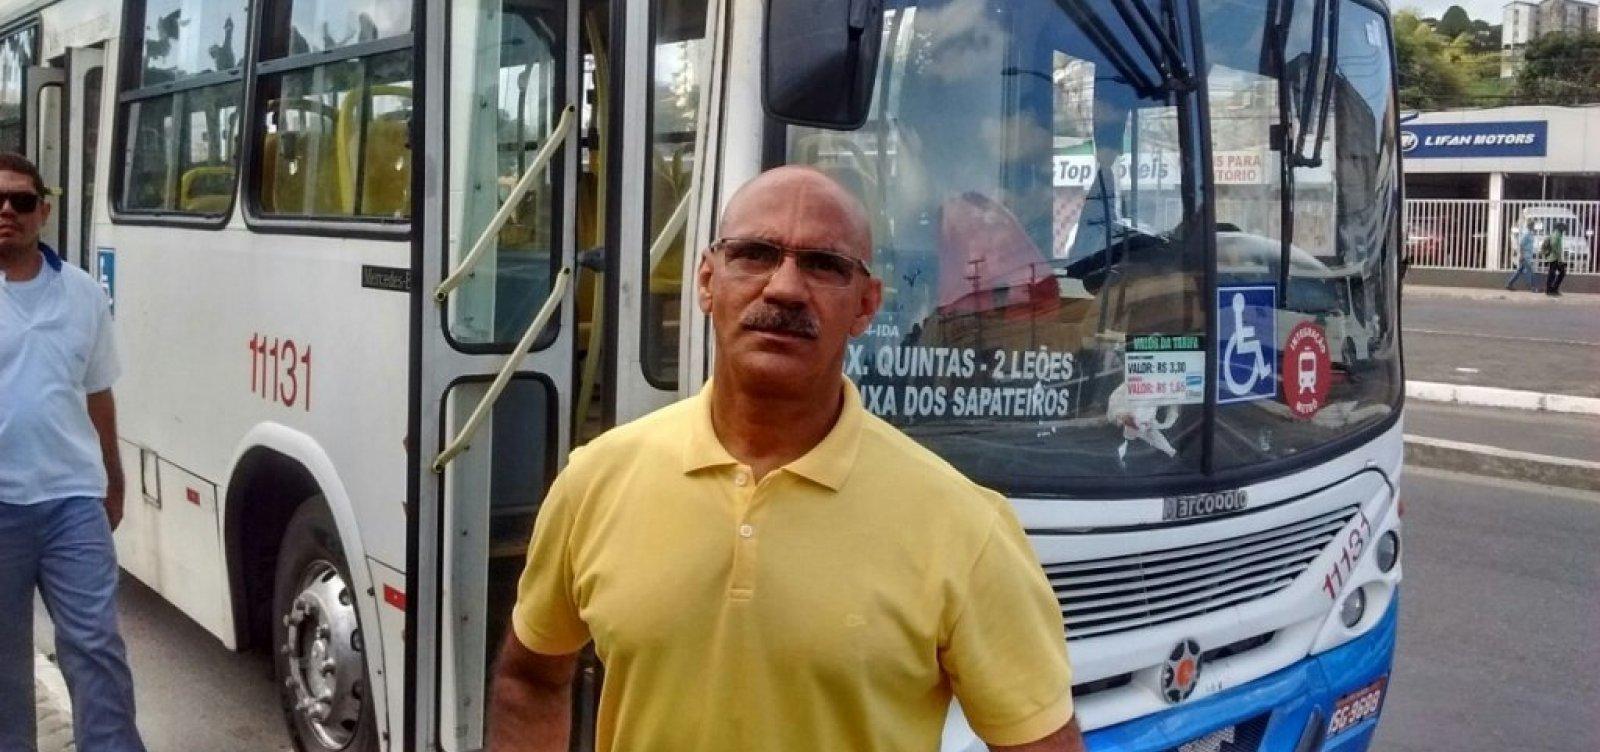 'Não temos essa prerrogativa', diz Daniel Mota sobre proibir baleiros em ônibus